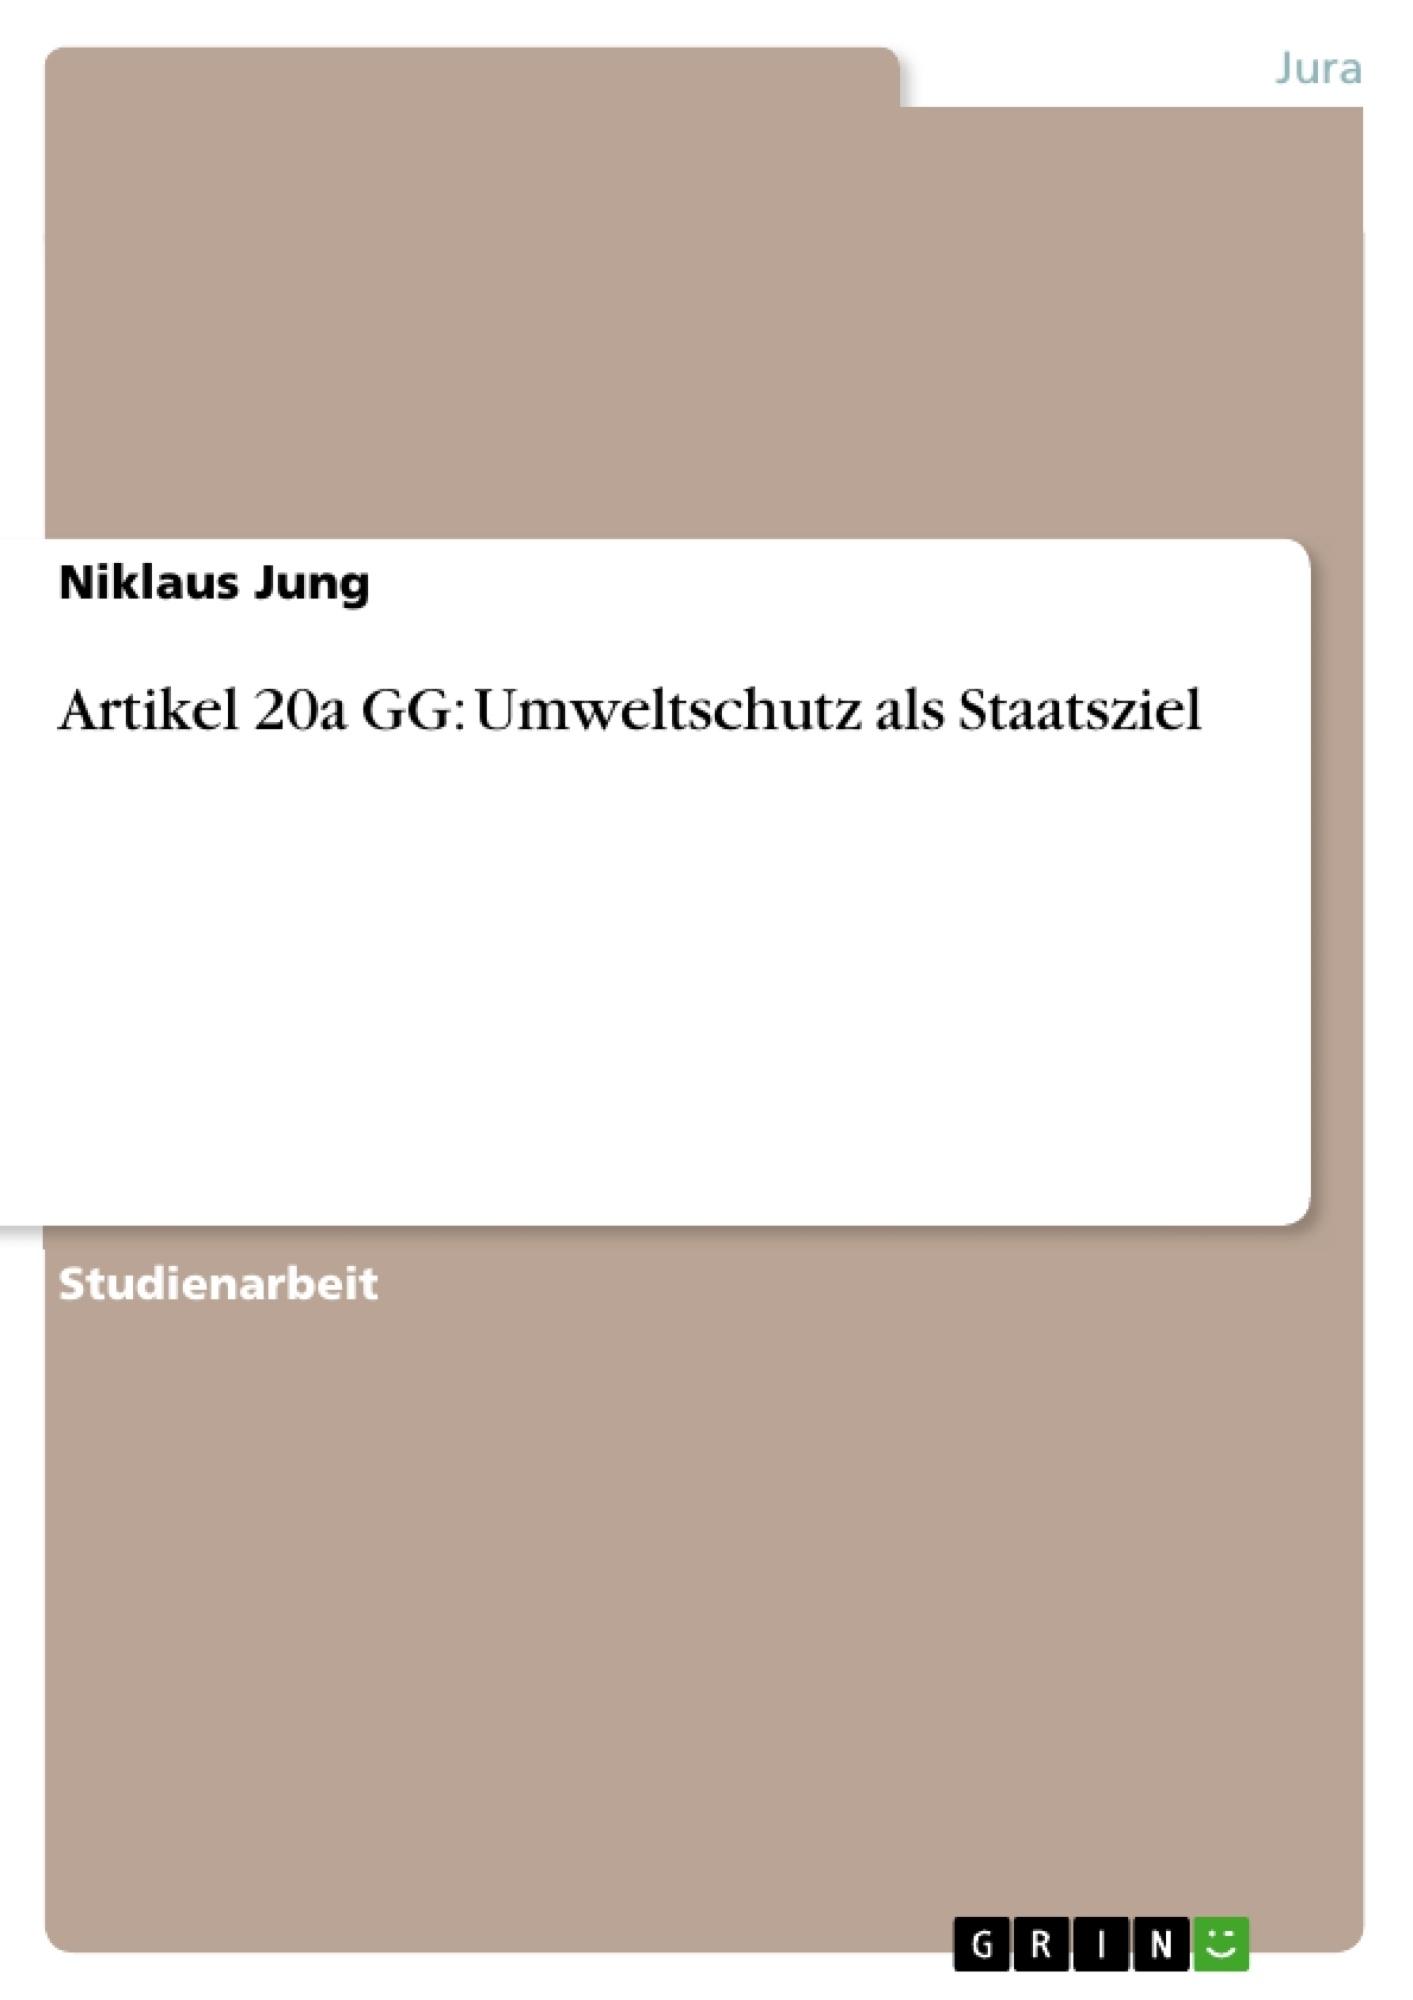 Titel: Artikel 20a GG: Umweltschutz als Staatsziel